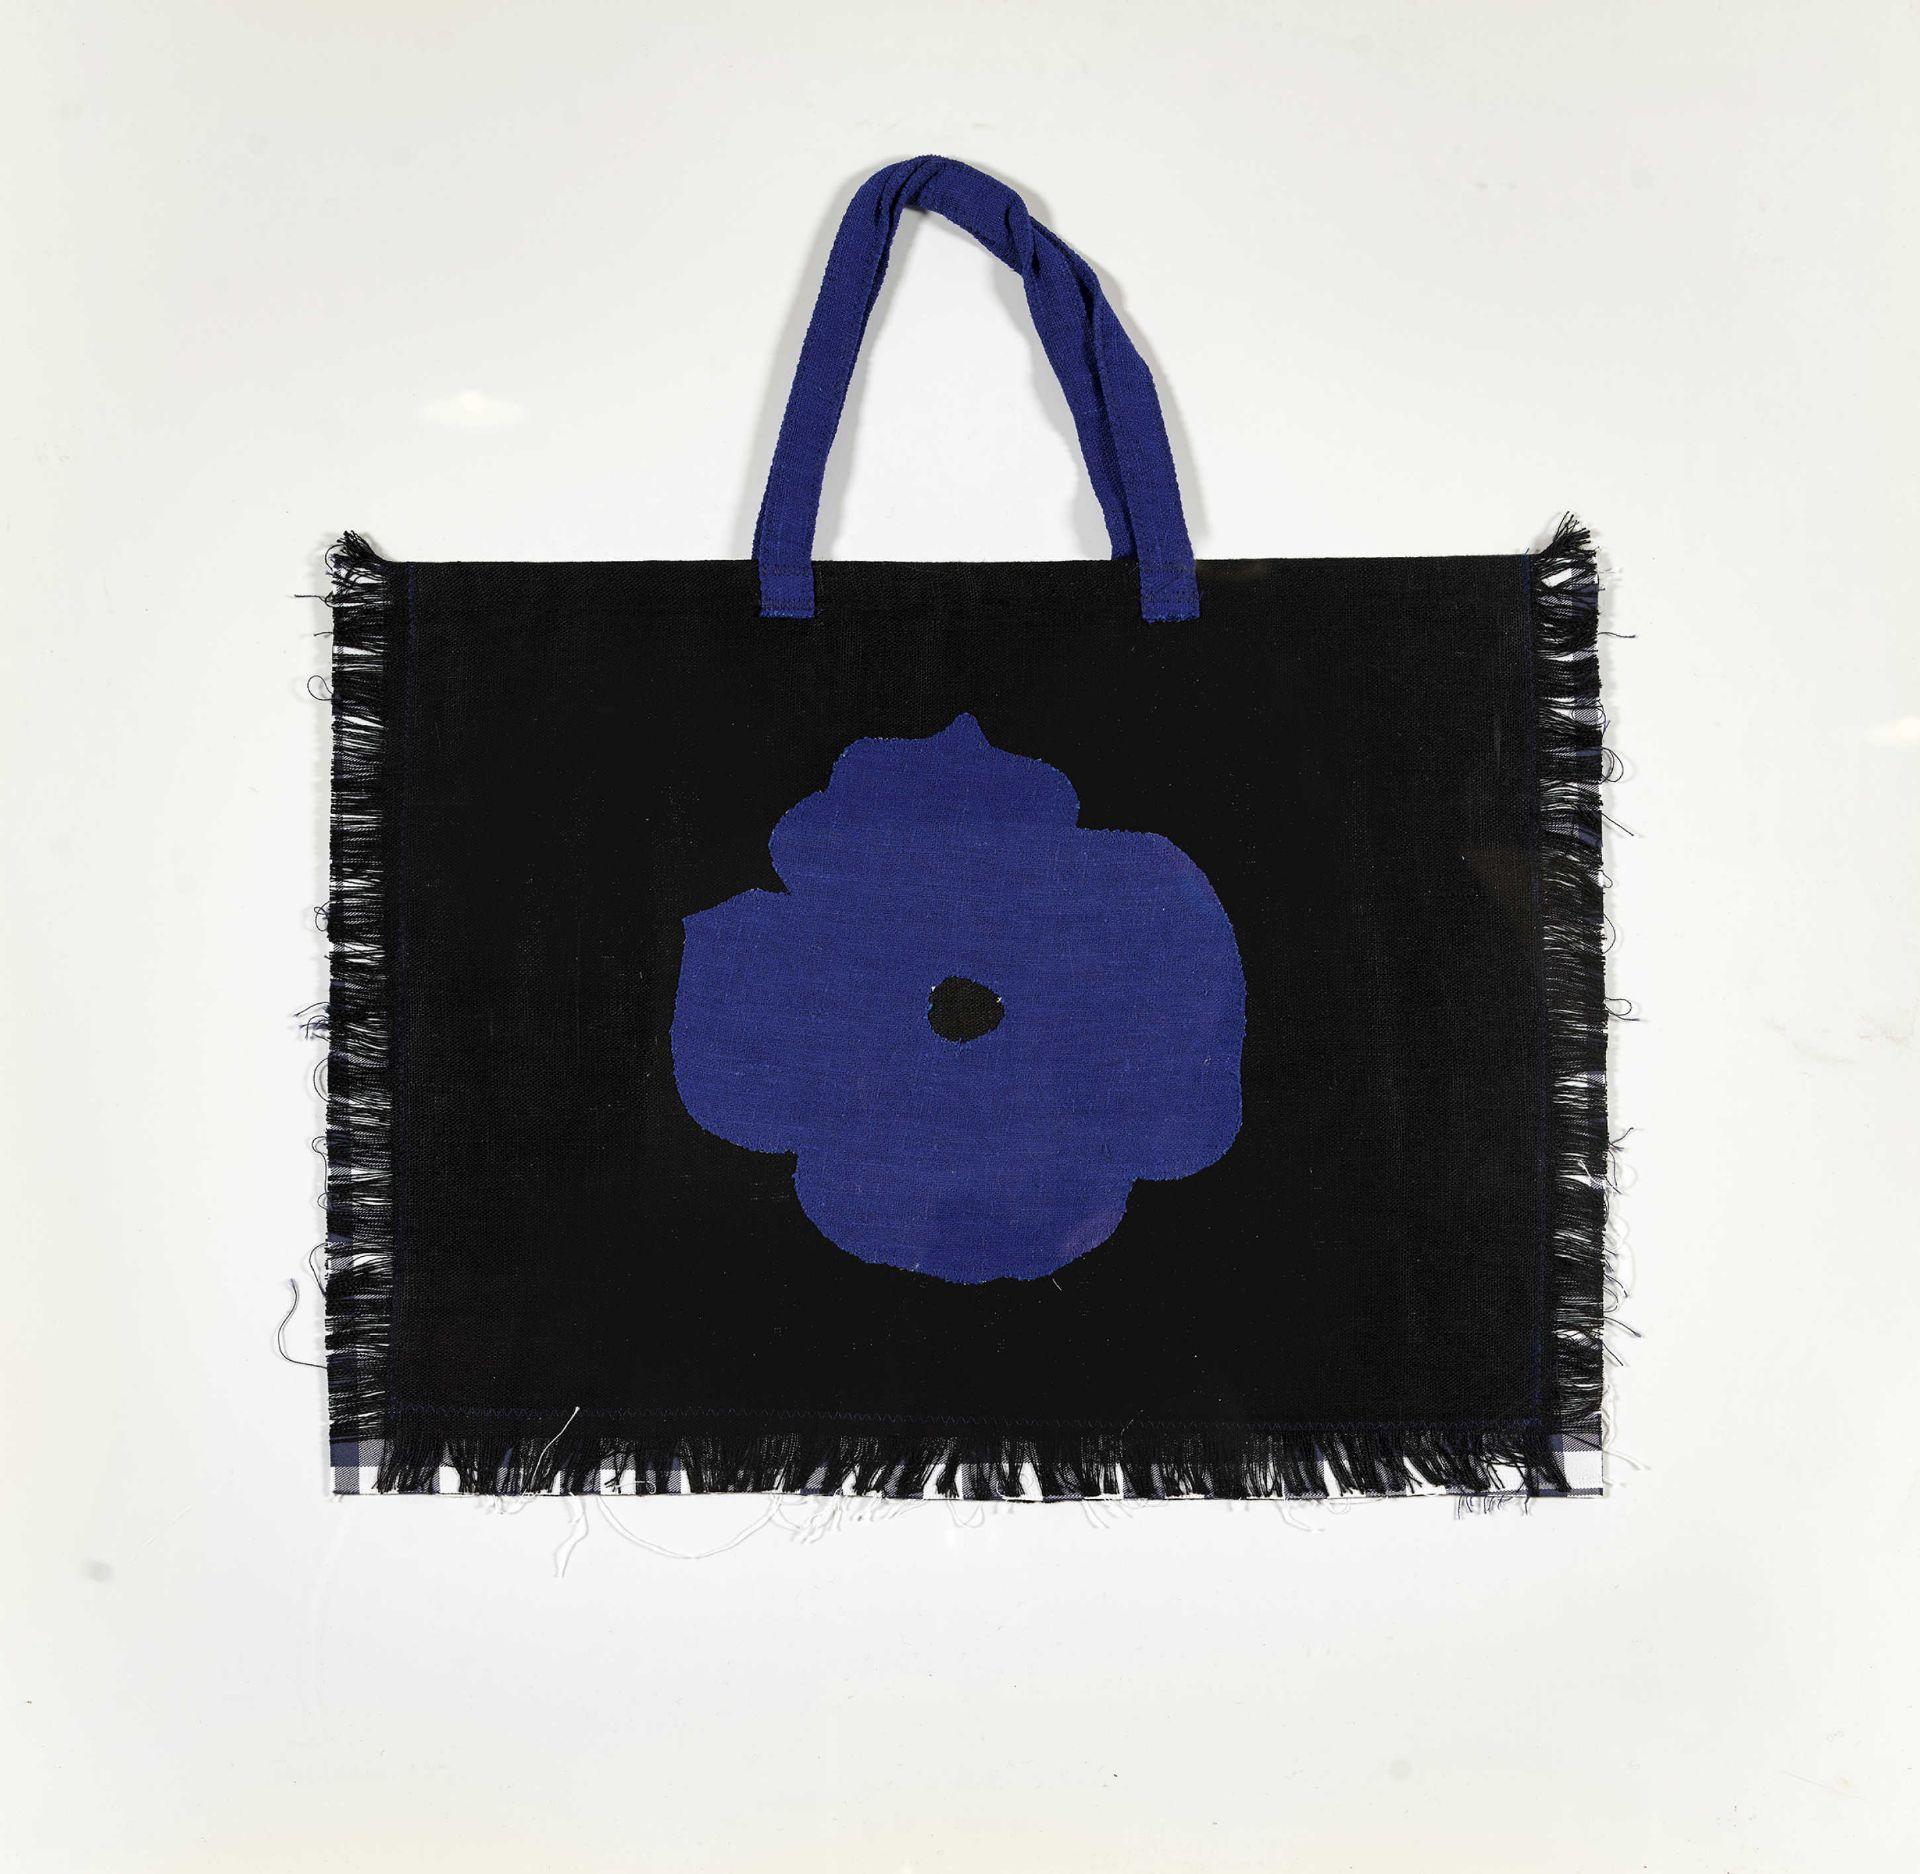 SULTAN, DONALD: Handtasche. - Bild 2 aus 2